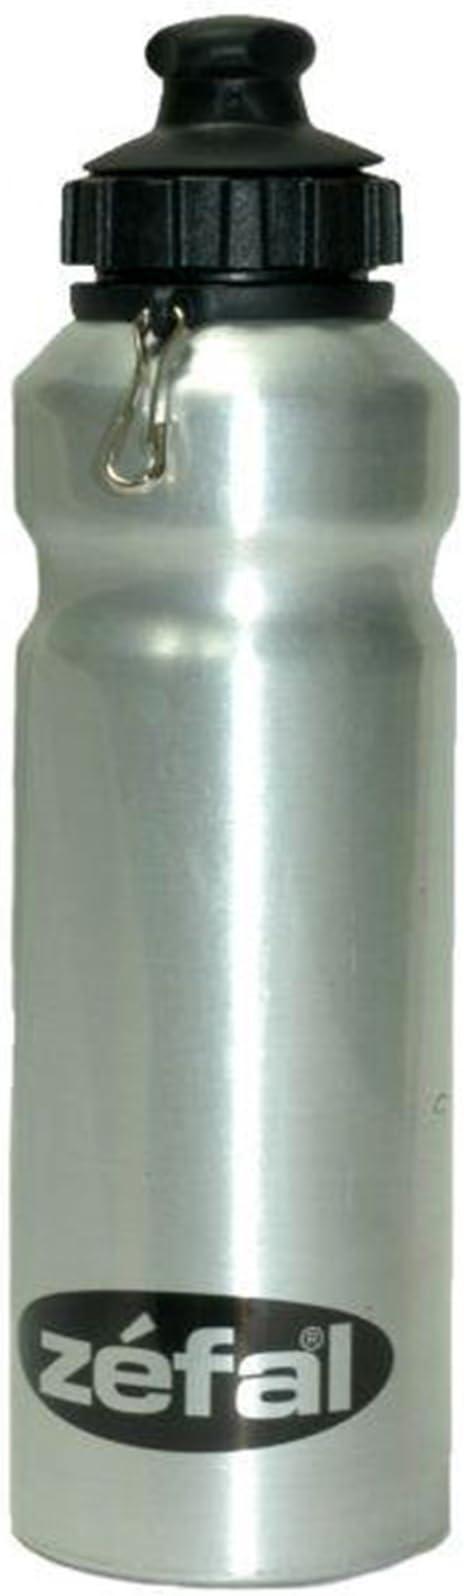 Bidon de Aluminio Plata ZEFAL 500cc Antimicrobial para Bicicleta ...